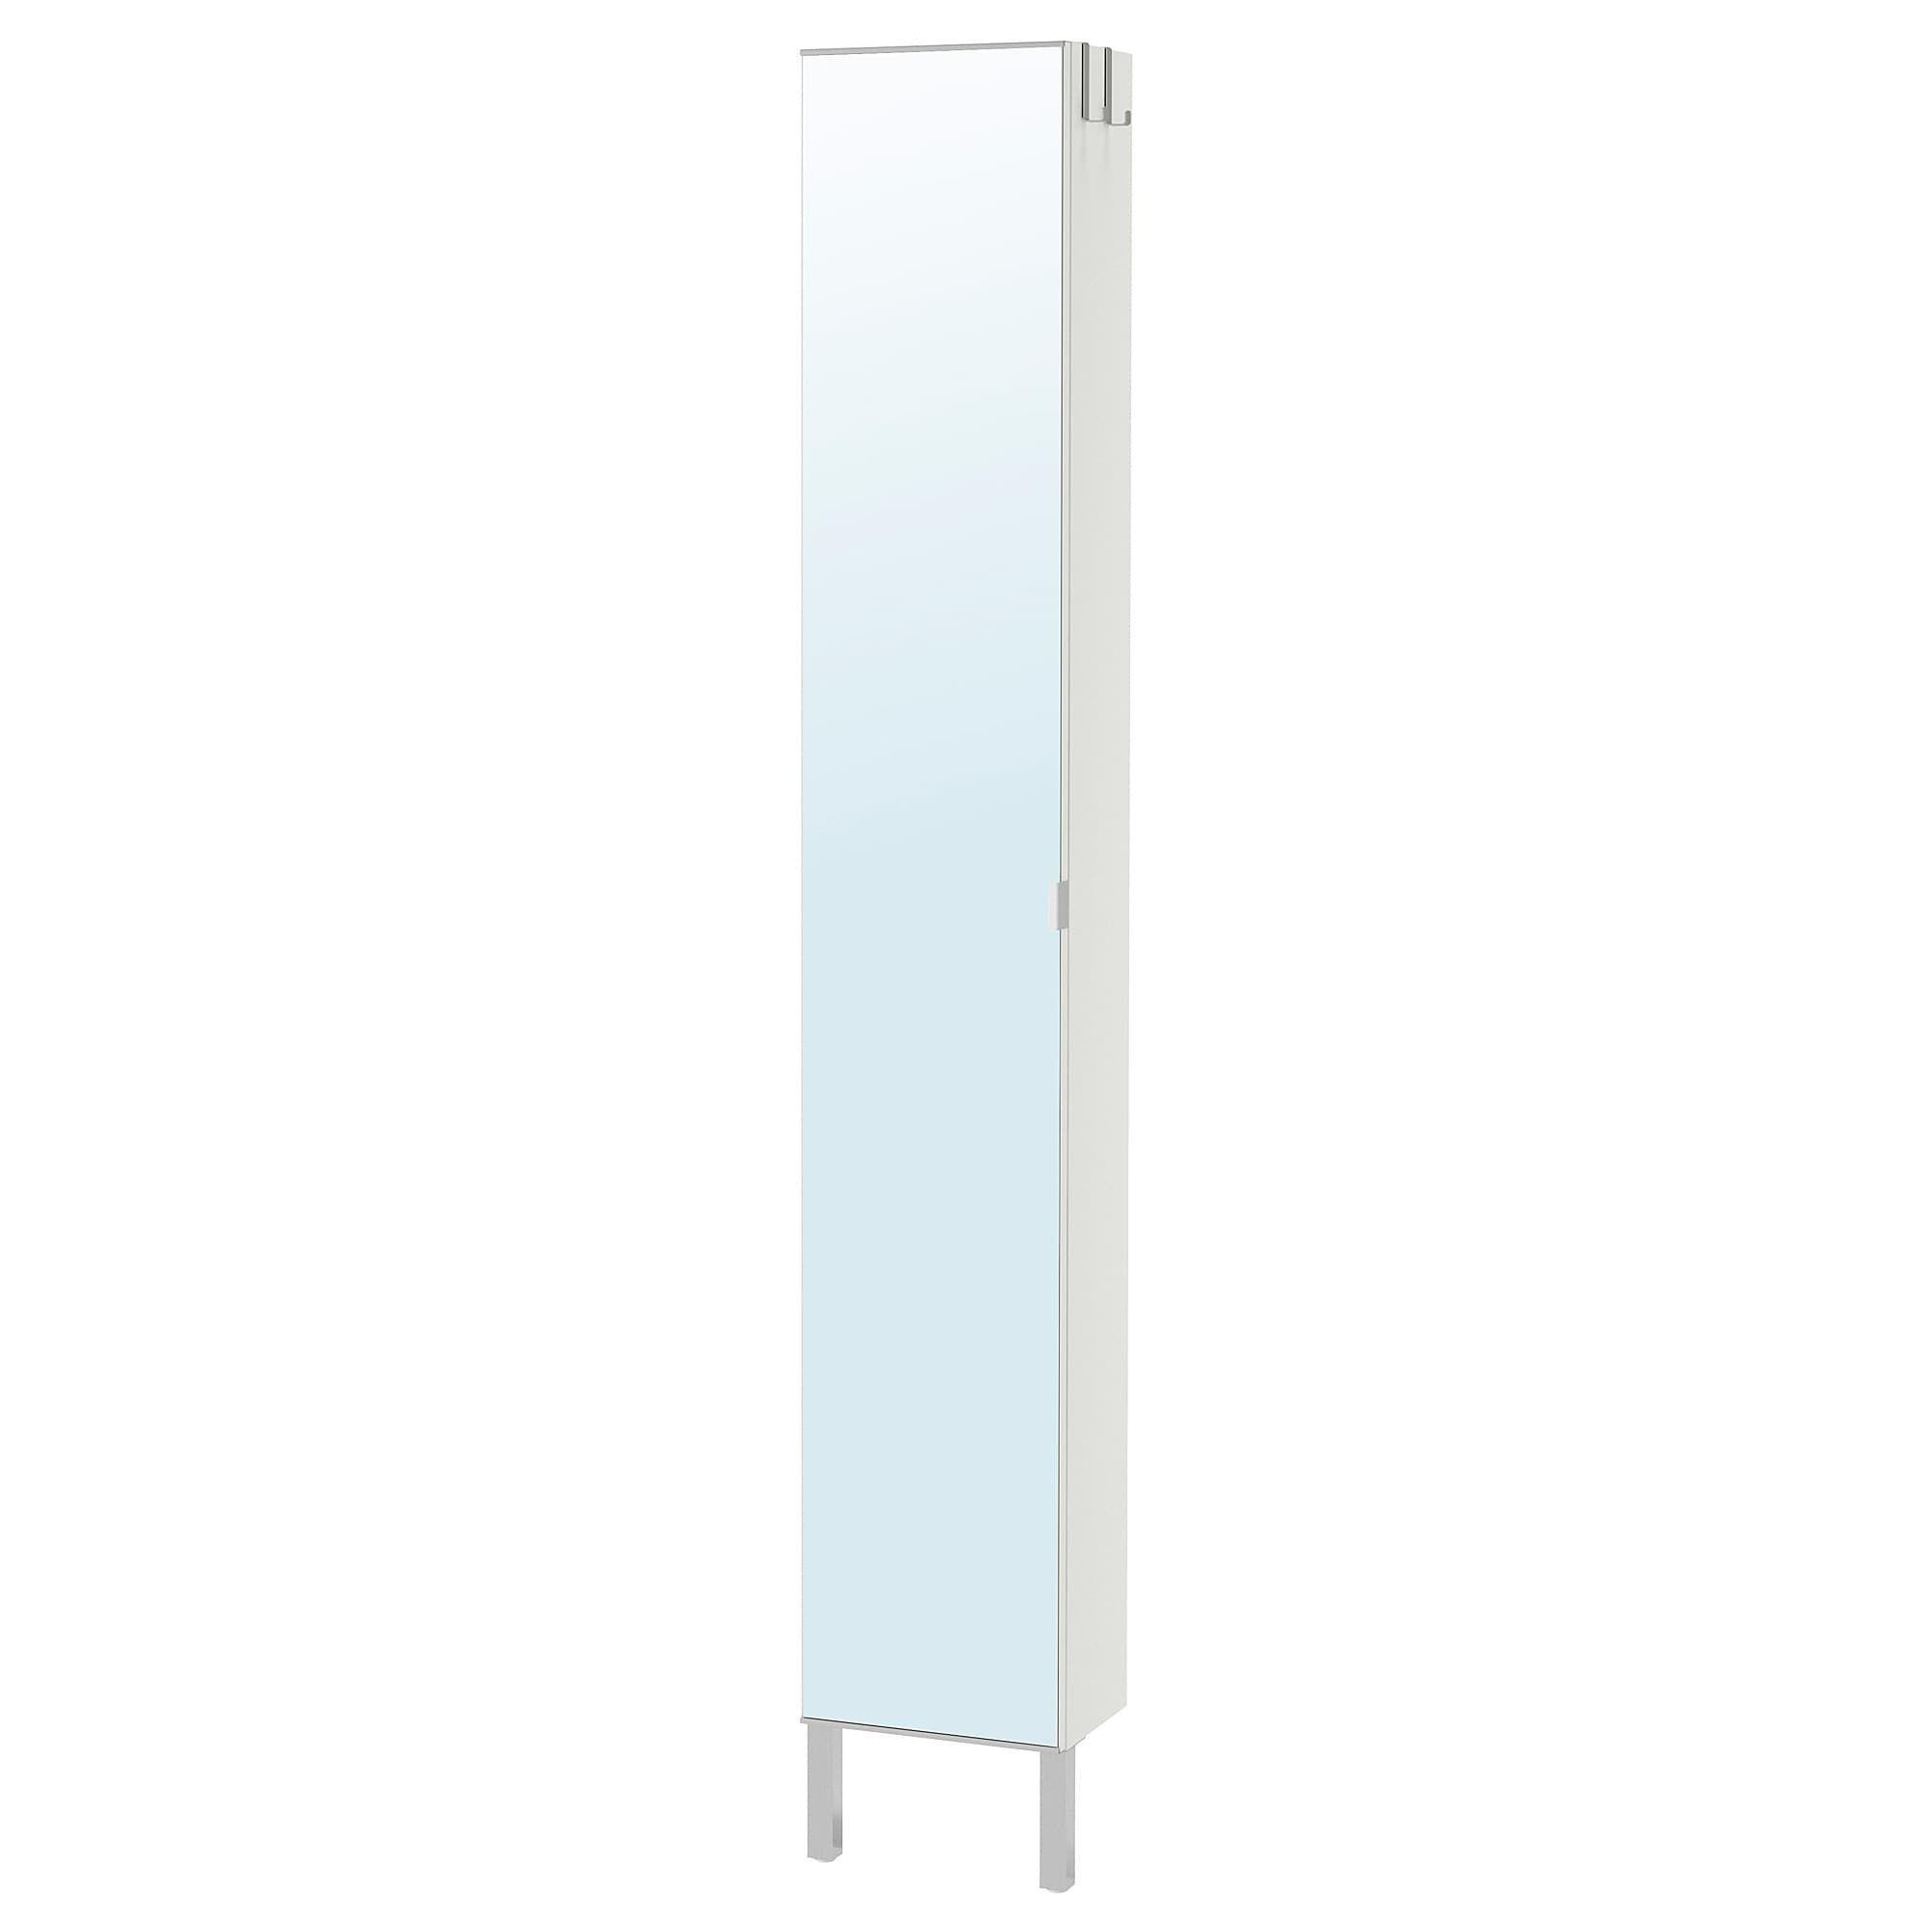 IKEA LILLÅNGEN High with mirror door white in